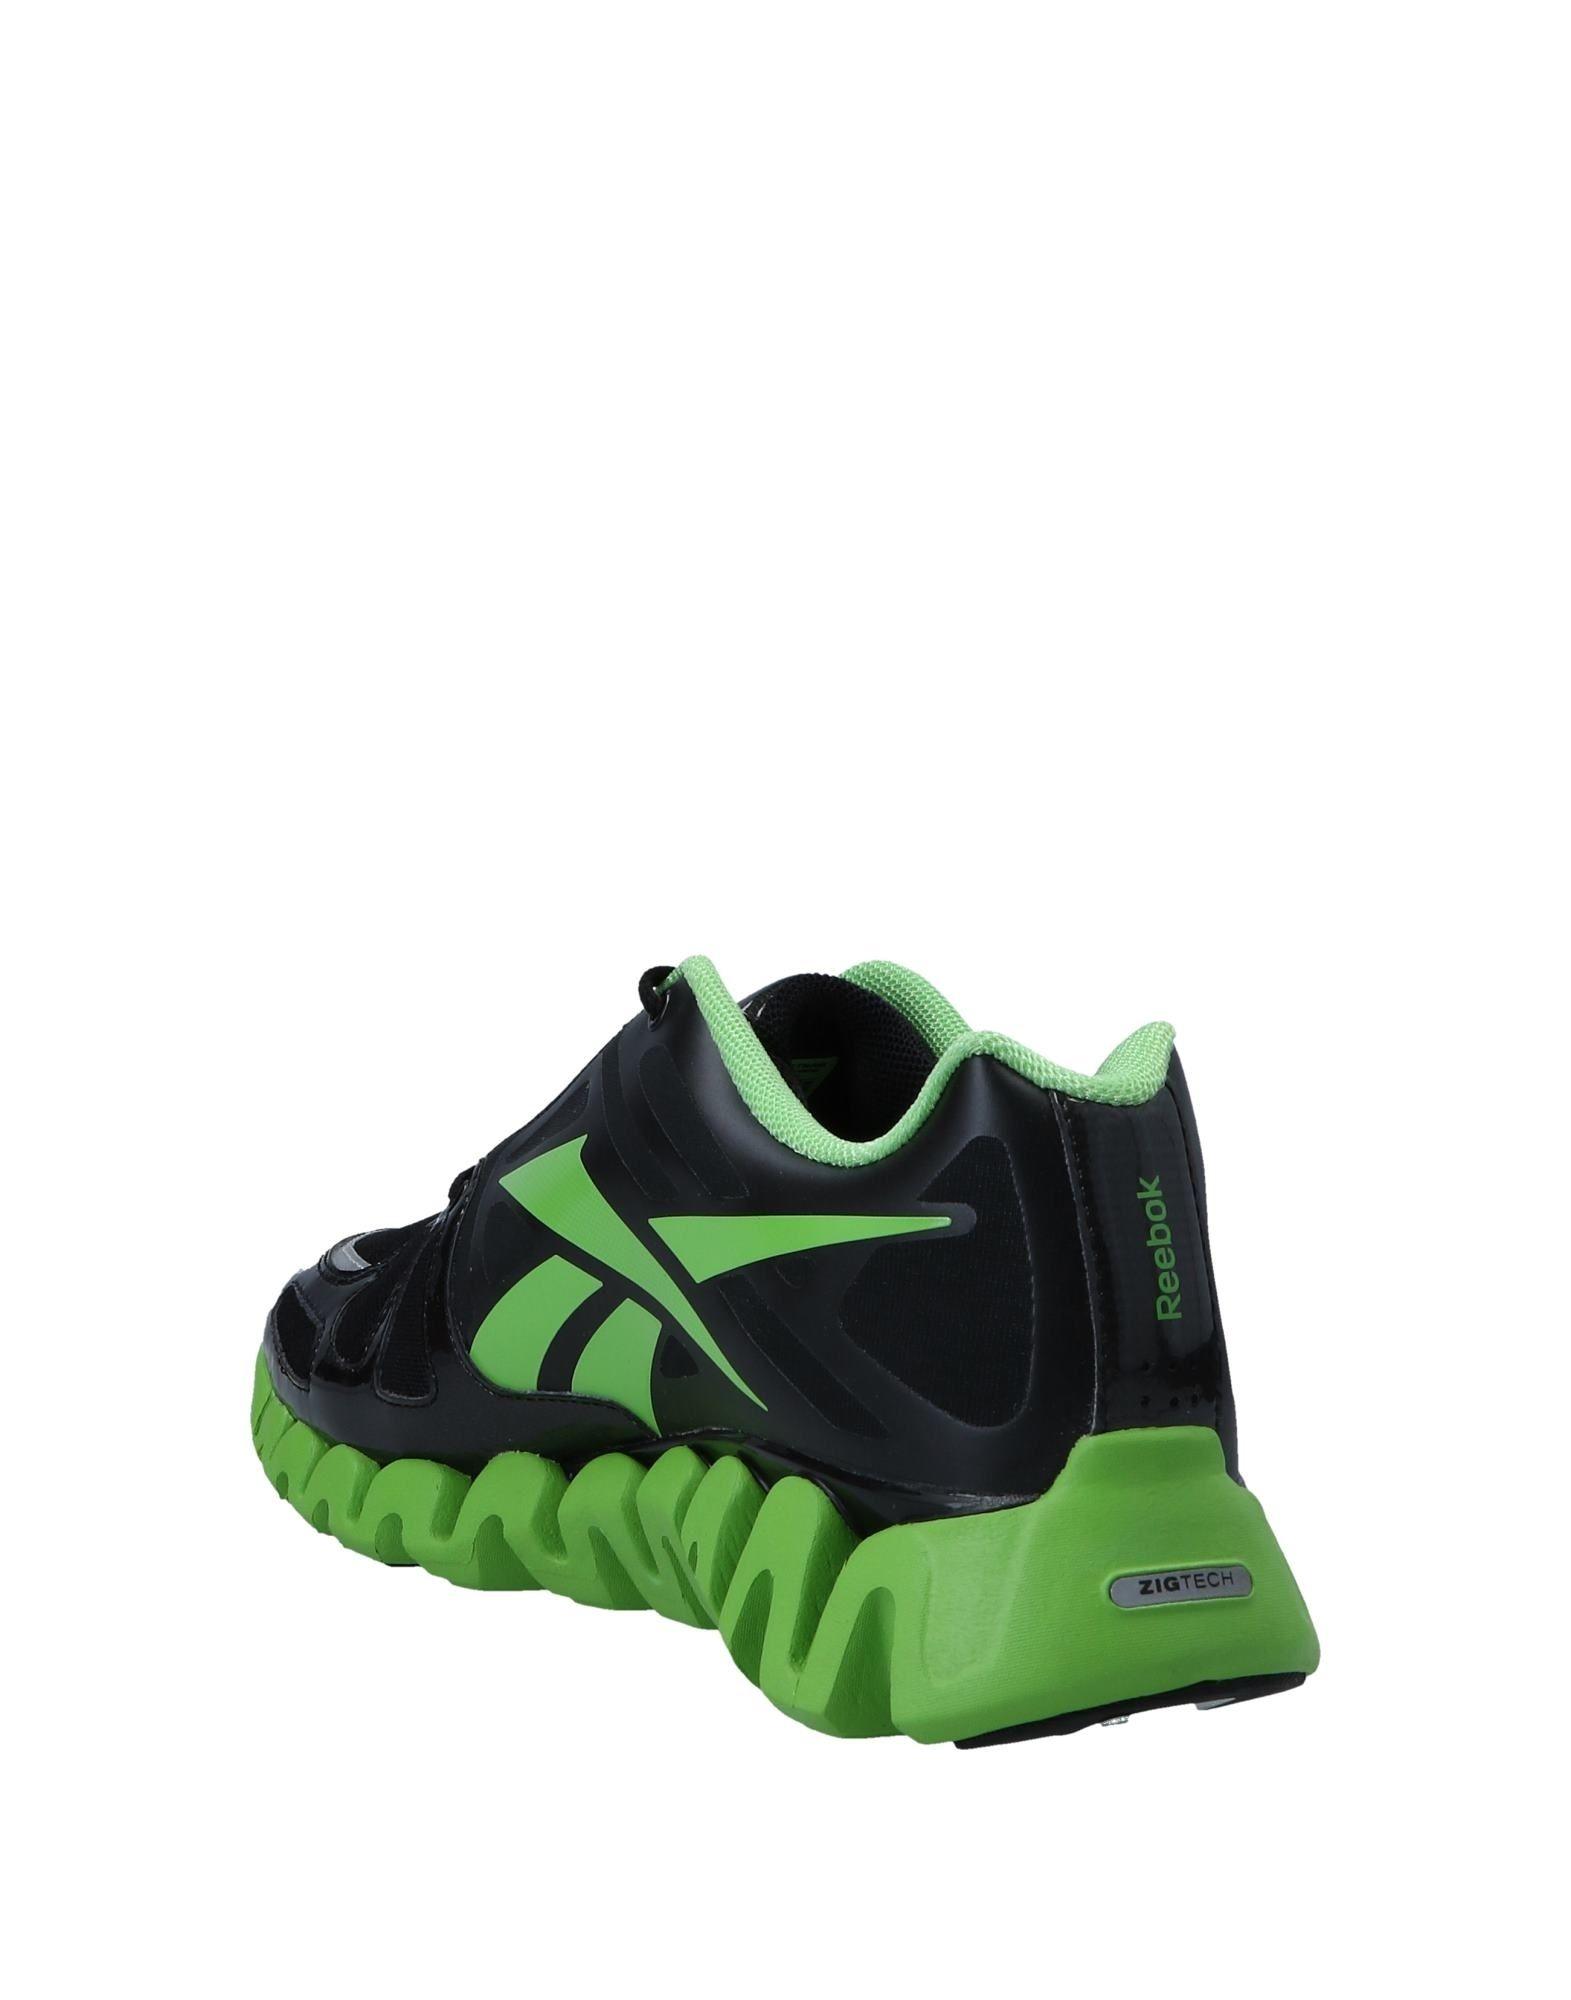 Rabatt echte Schuhe Herren Reebok Sneakers Herren Schuhe  11551824JP 5022a0